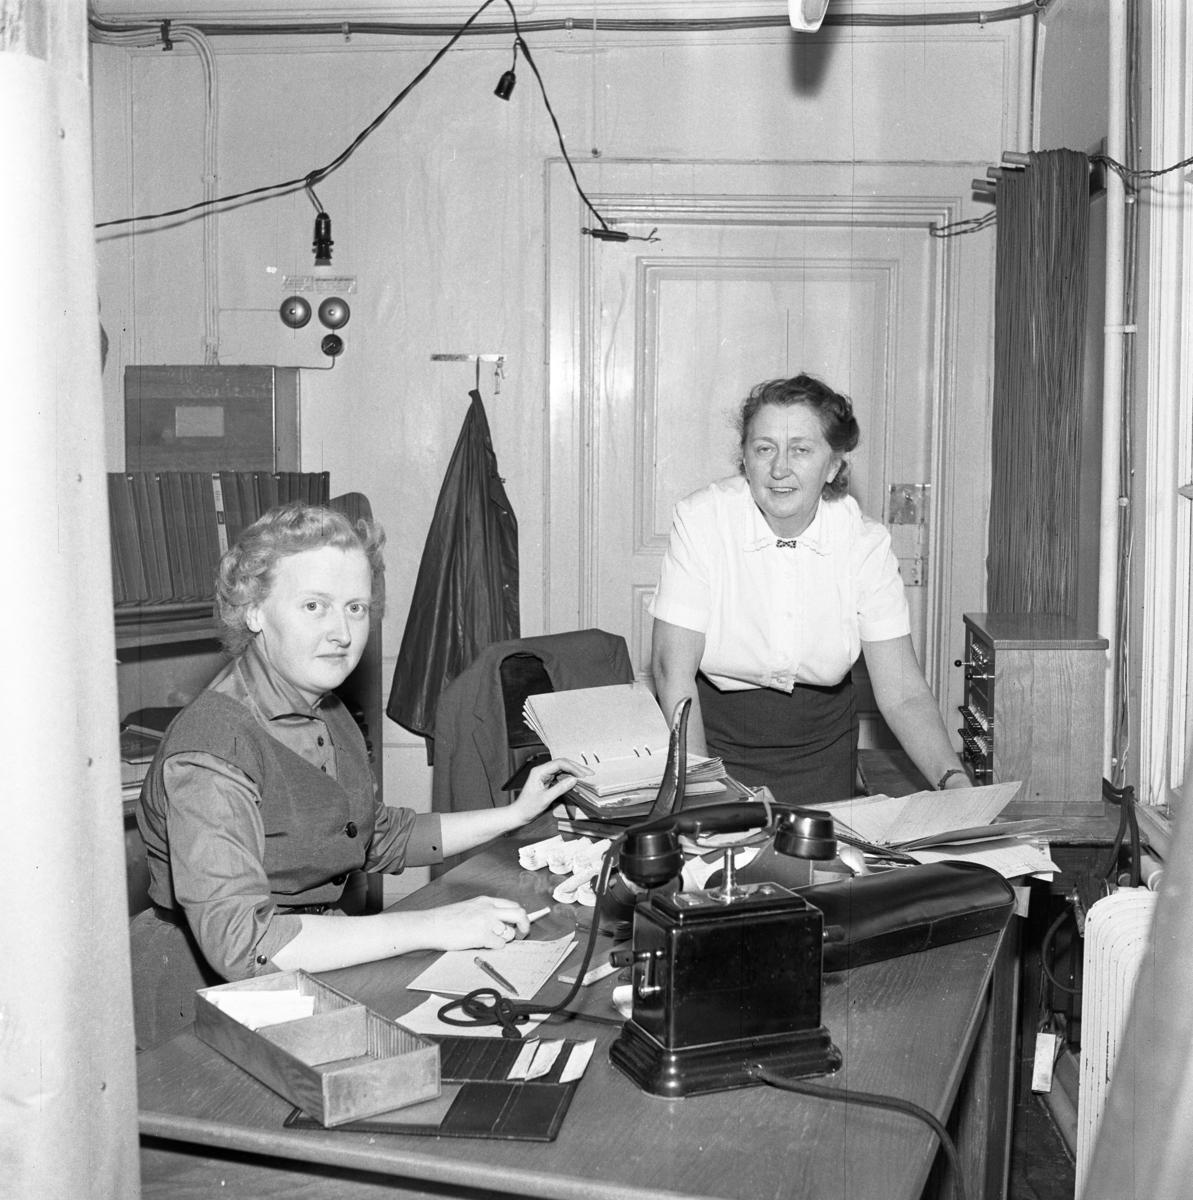 Televerket. Arbetet fortsätter trots skadorna efter branden i fastigheten på Nygatan. En kvinna sitter vid ett skrivbord. Hon har en pärm uppslagen. En telefon står på bordet. En annan kvinna står bredvid skrivbordet. En lampsladd hänger i taket. Läs om Telefonen i Arboga och branden på Televerket 1956 i Arboga Minnes årsbok 1993.